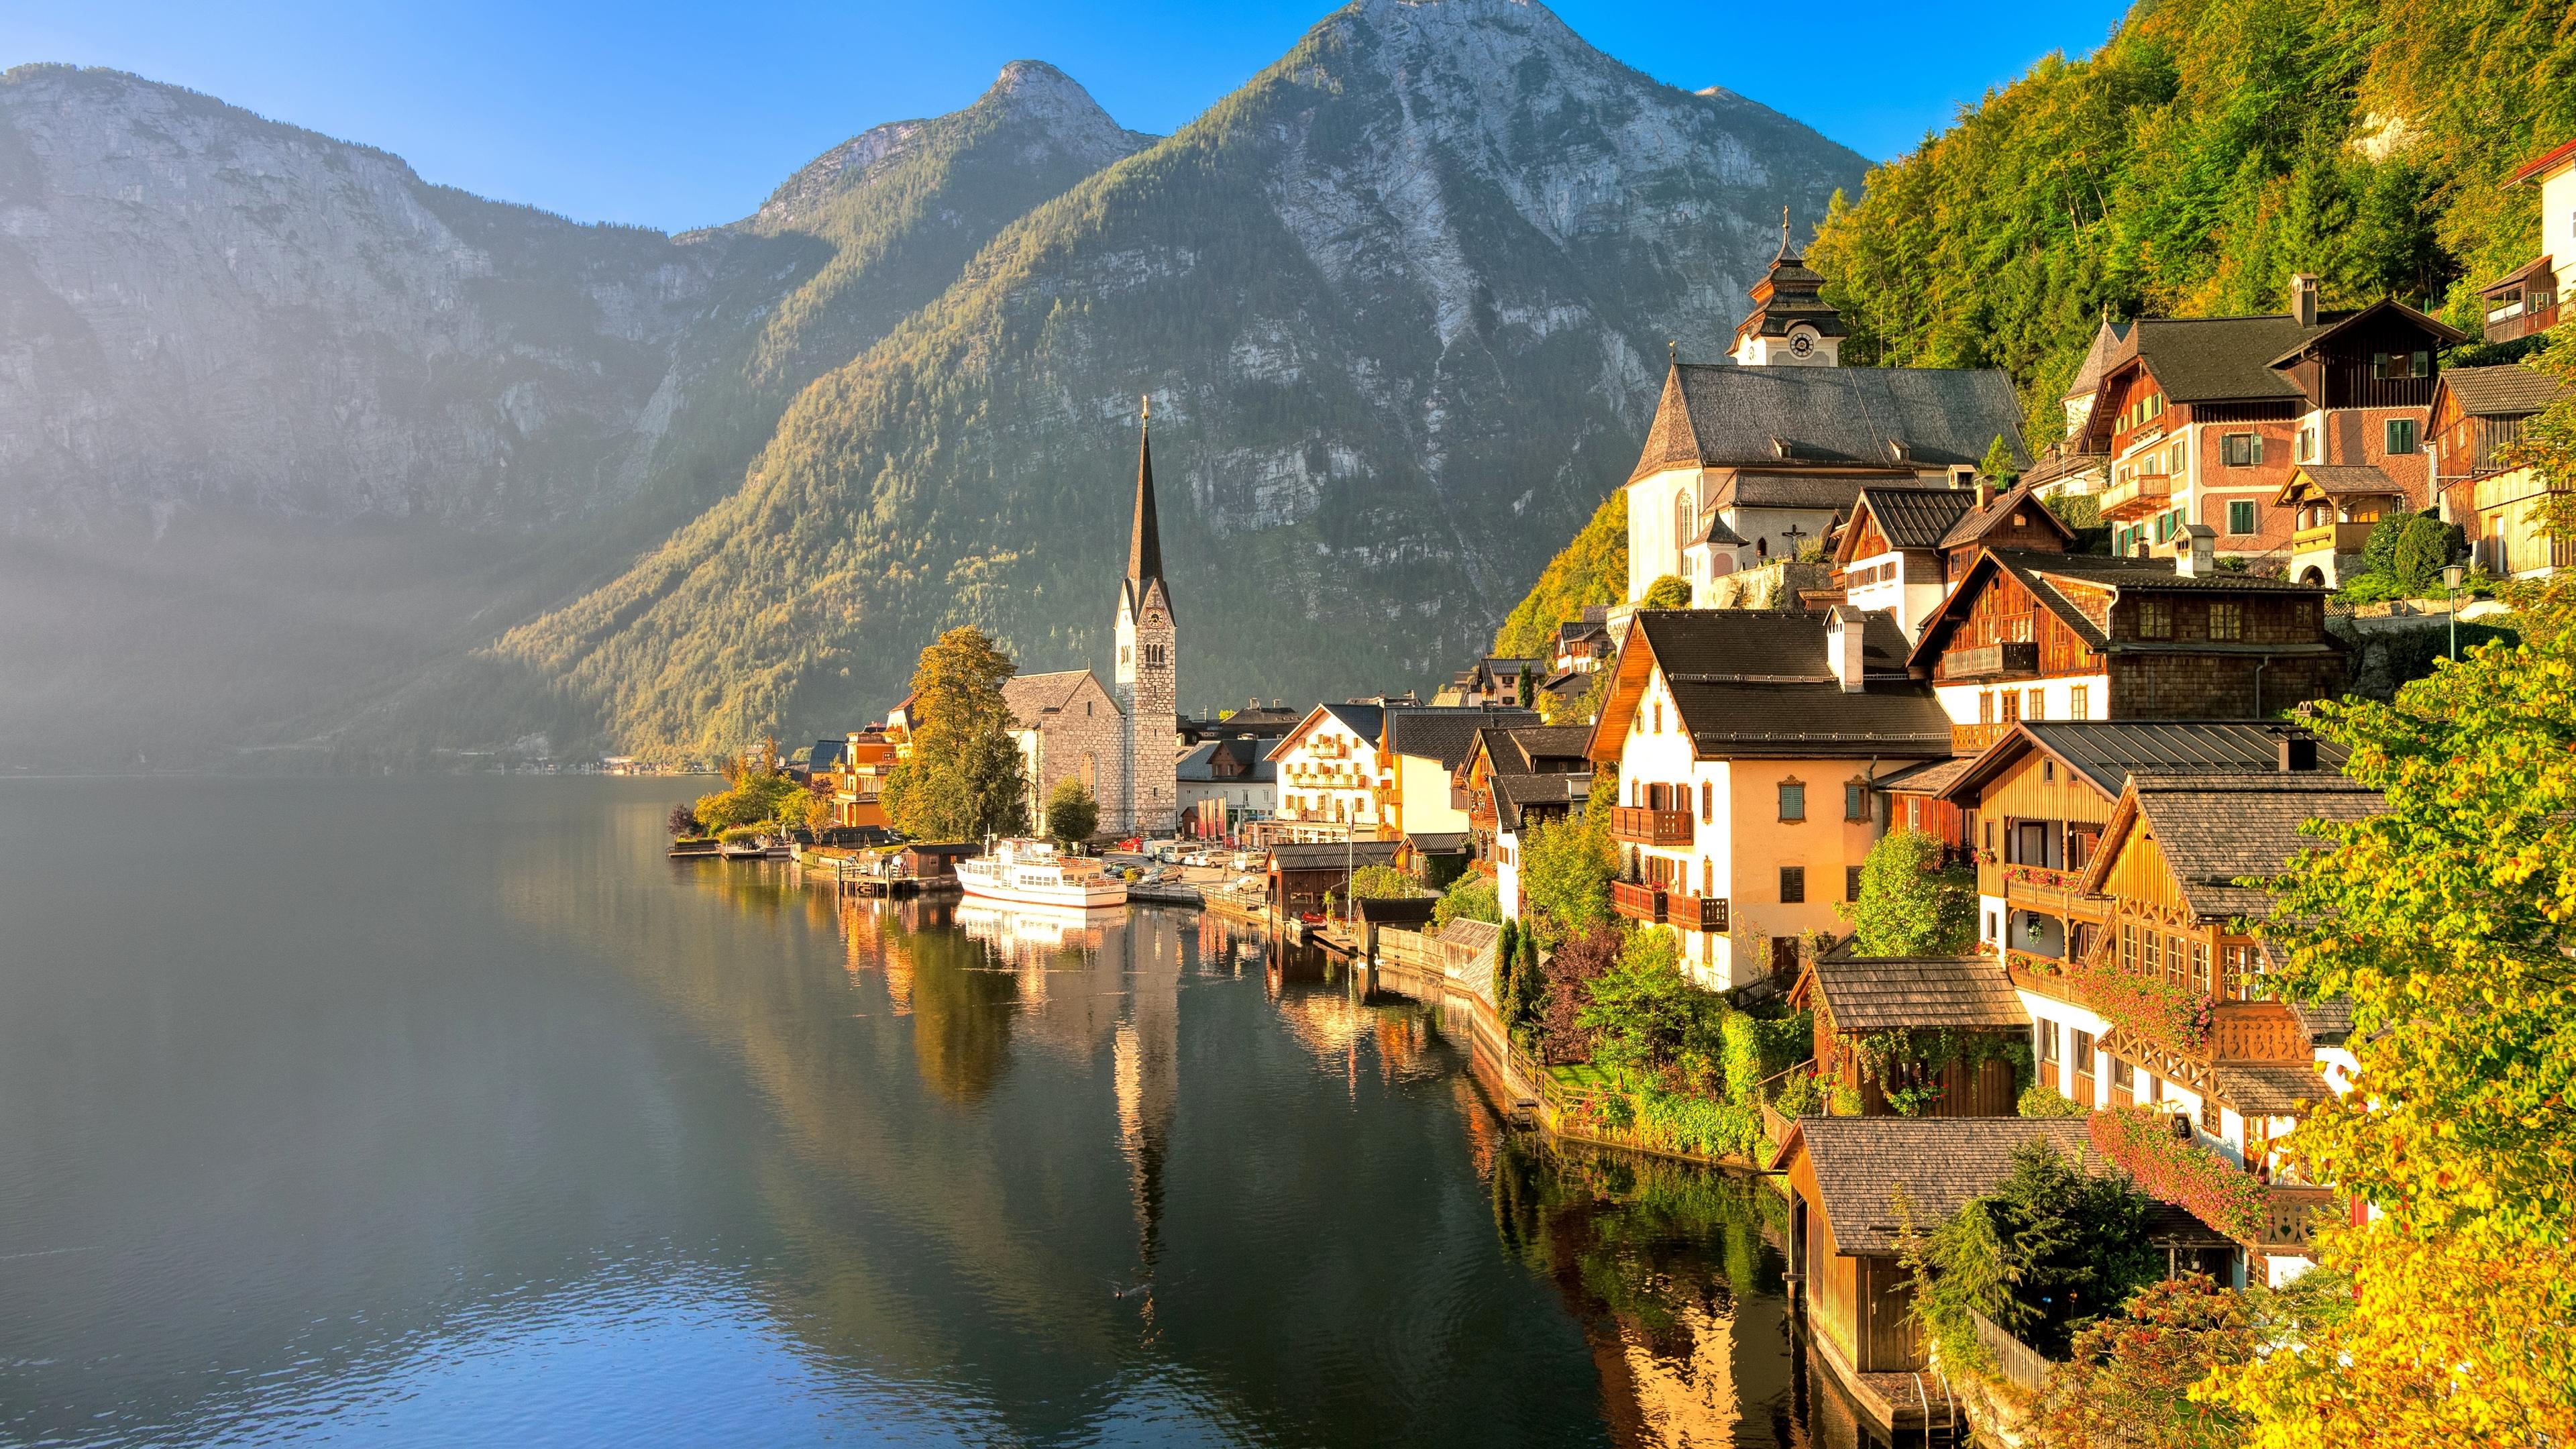 красивые пейзажи мира фото